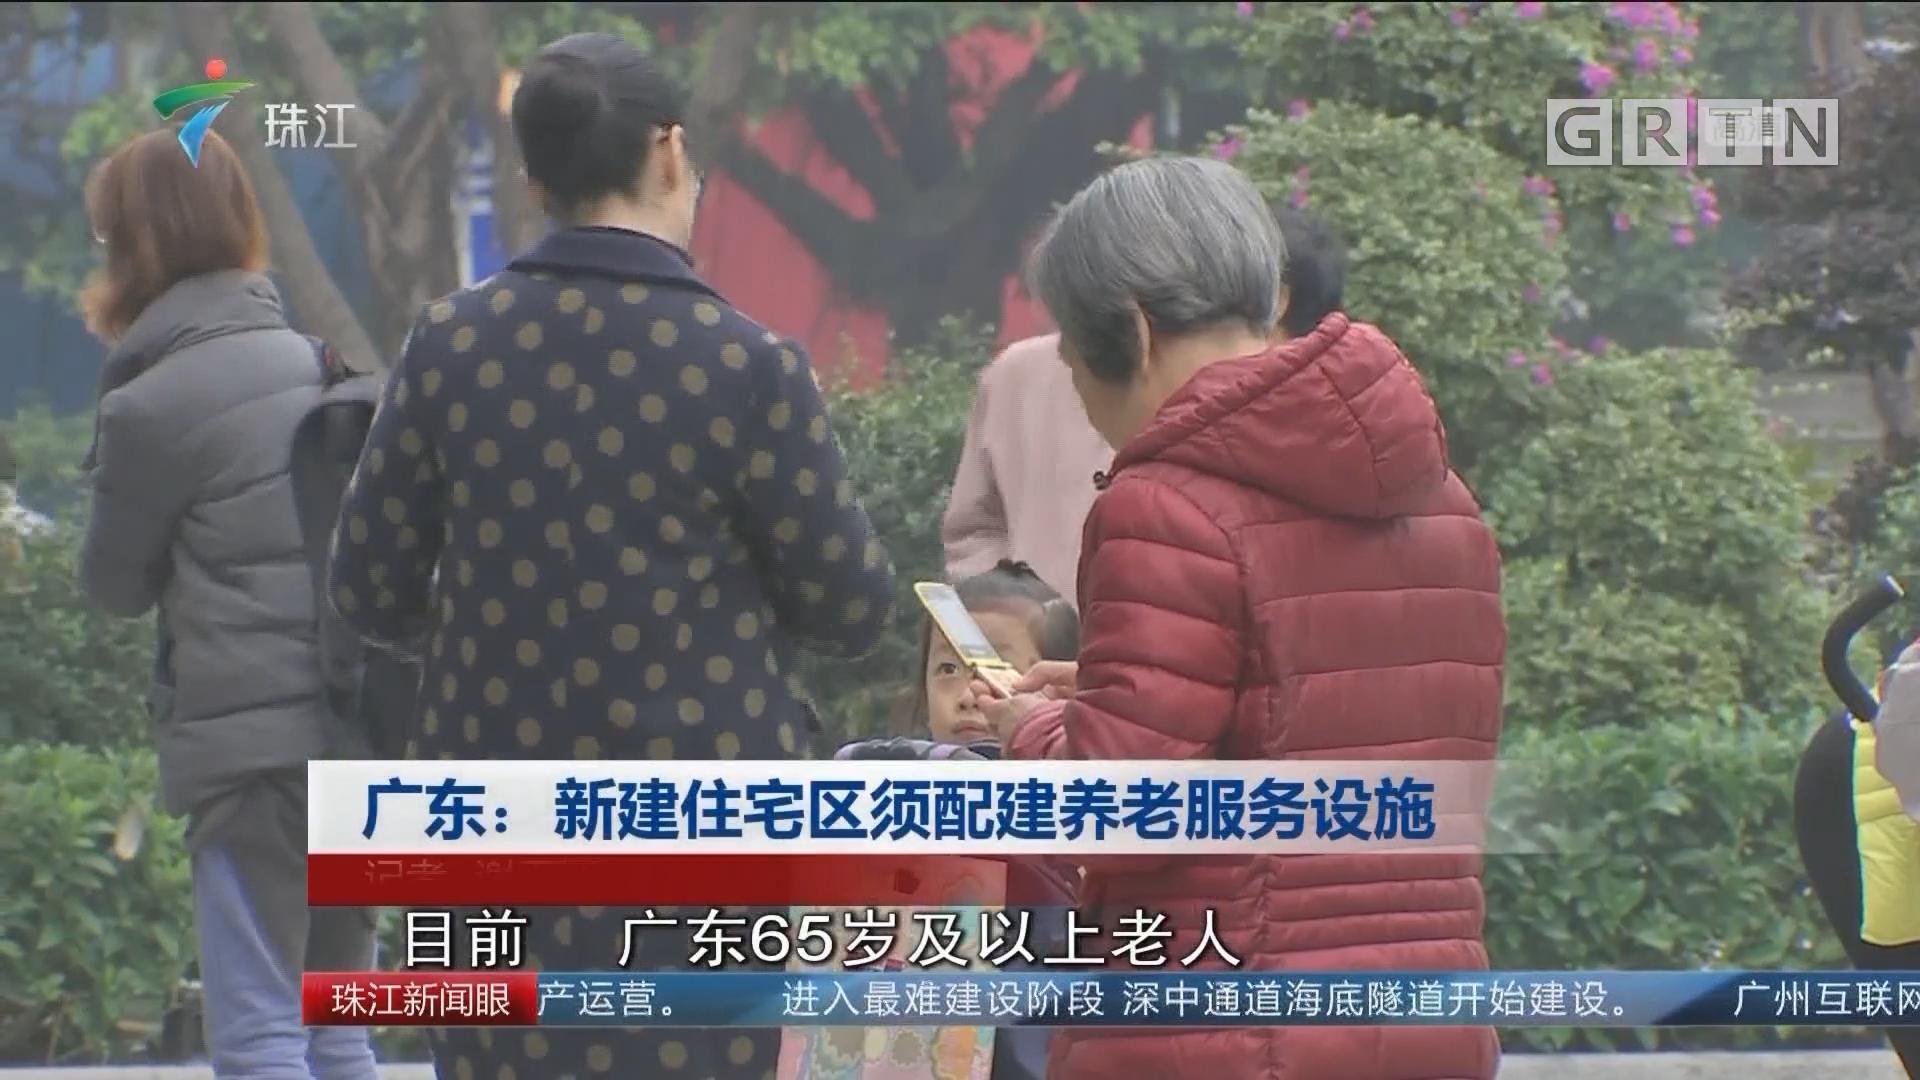 广东:新建住宅区须配建养老服务设施